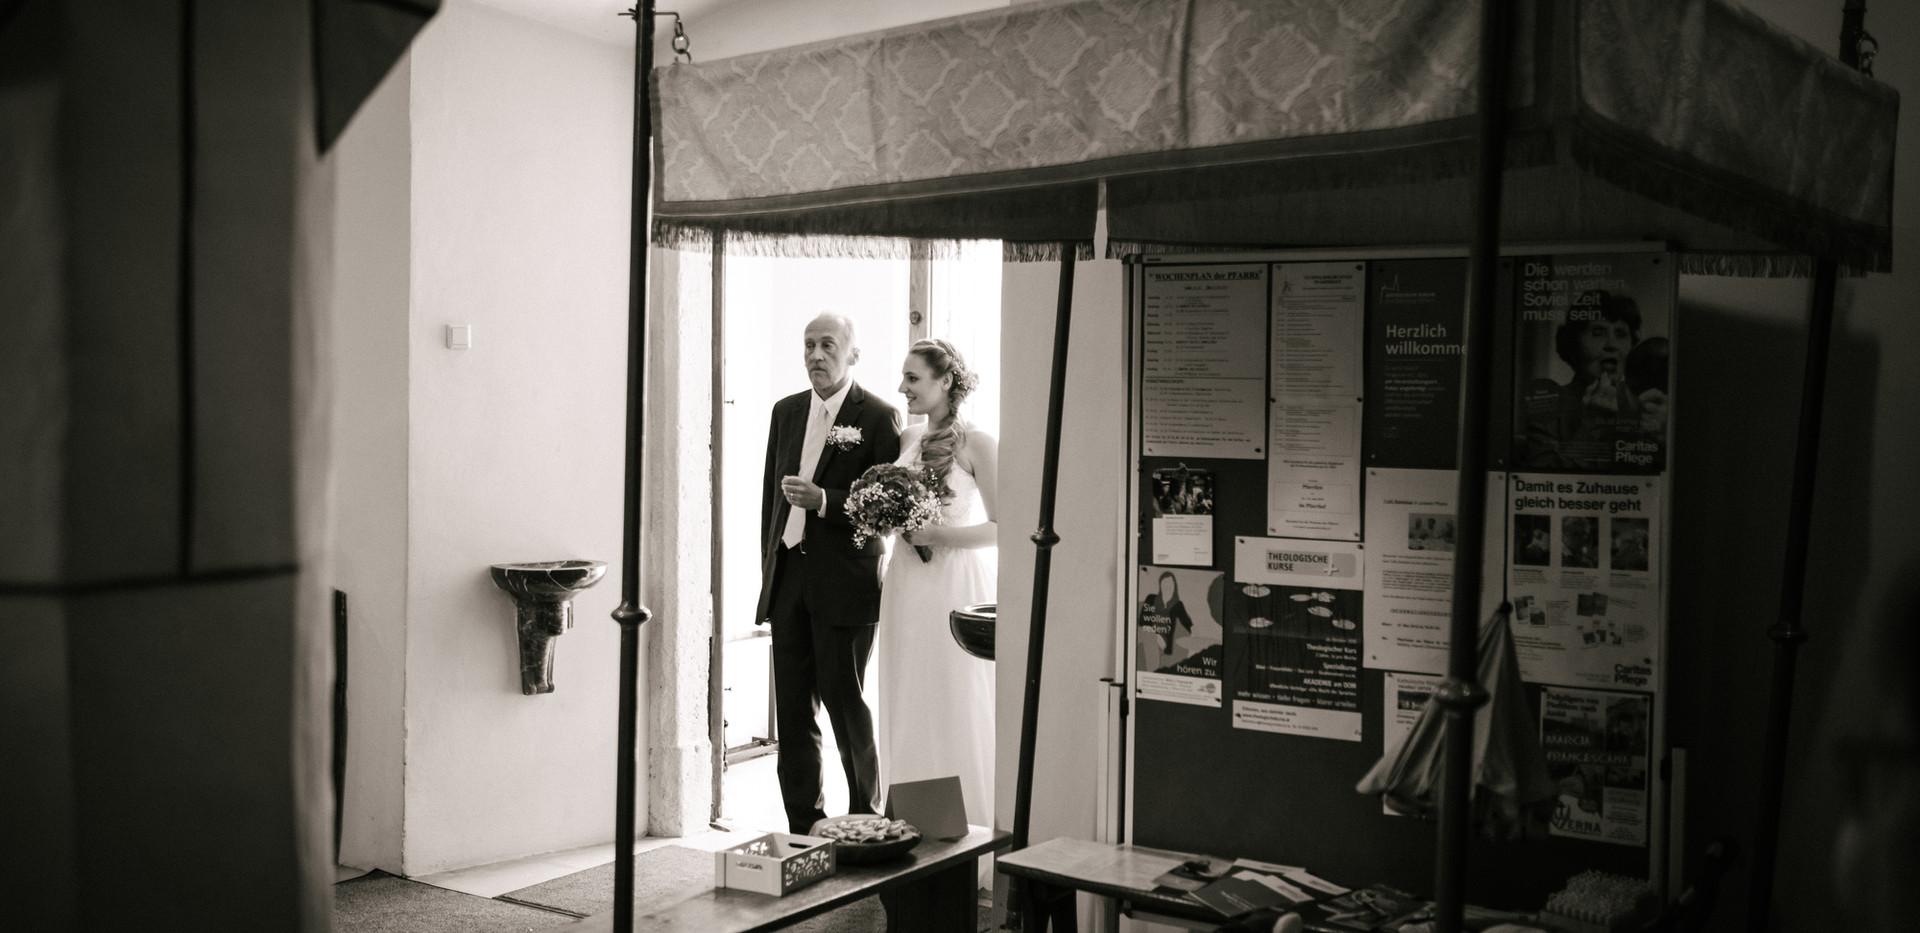 Braut mit Brautvater, romantische Hochzeit, Hochzeitsfotograf Niederösterreich, Krems, St. Pölten, Klosterneuburg, schwarz weiß